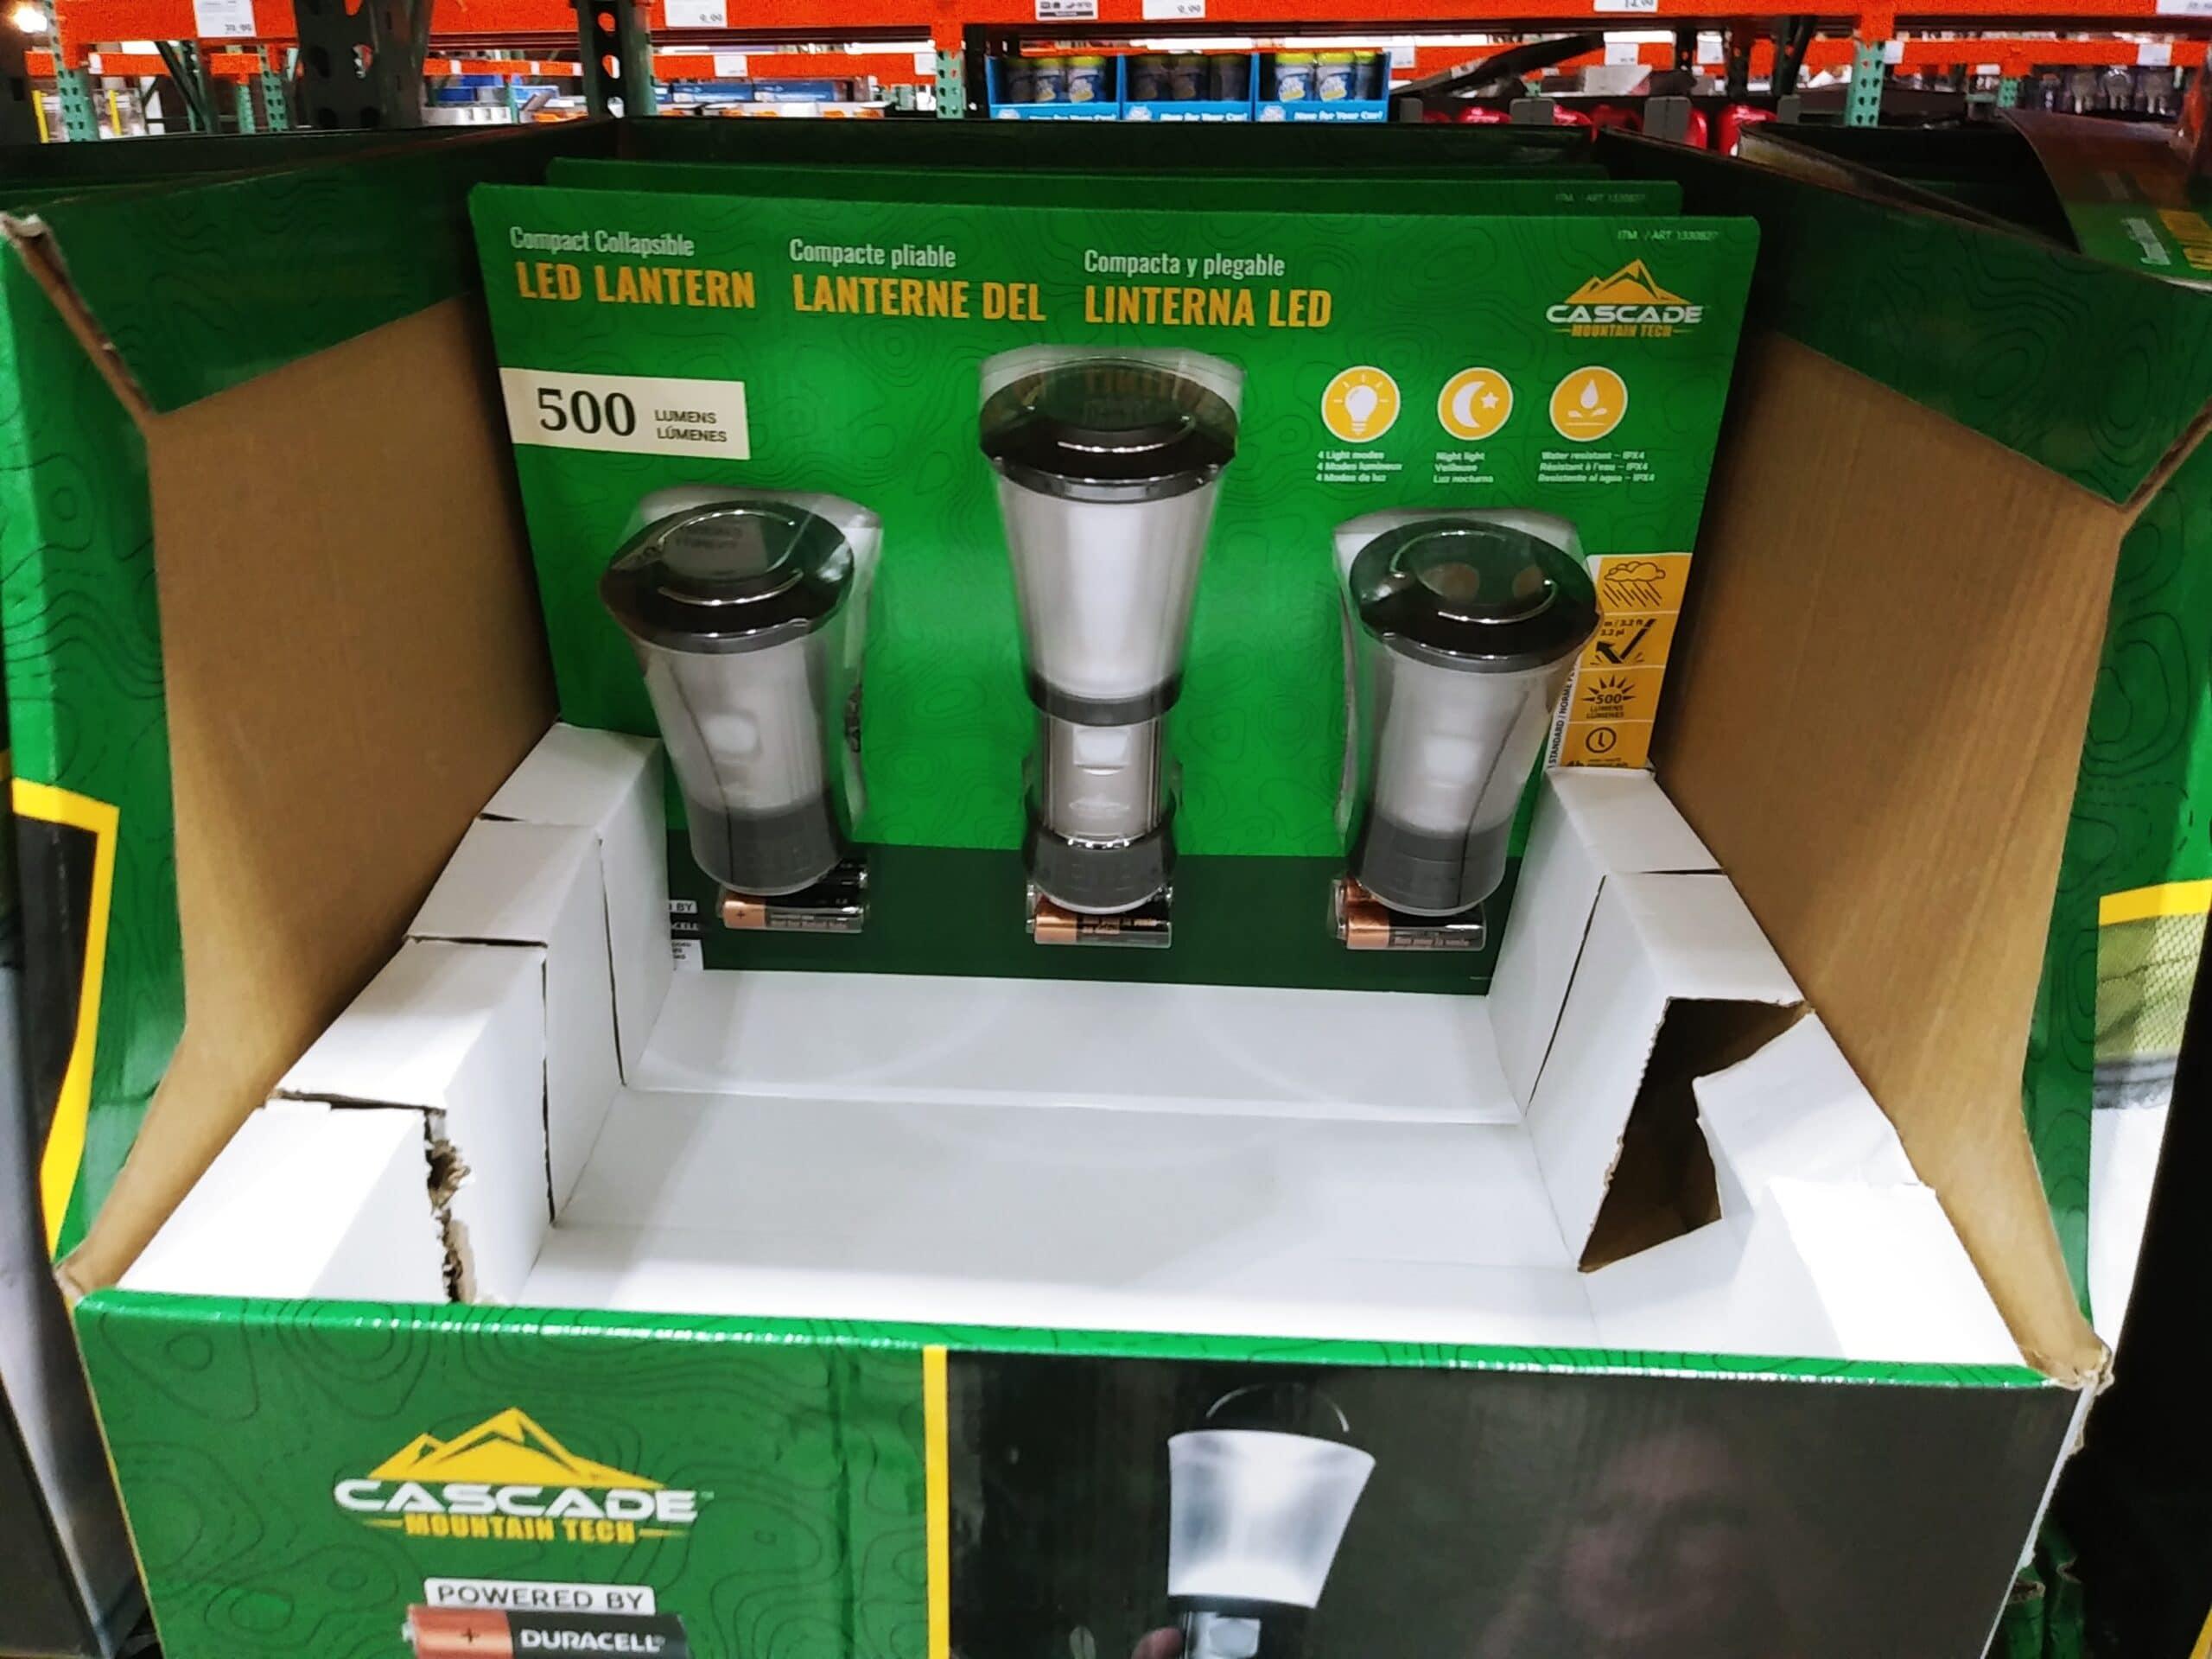 Cascade LED Mini Lanterns 3pk $12.99